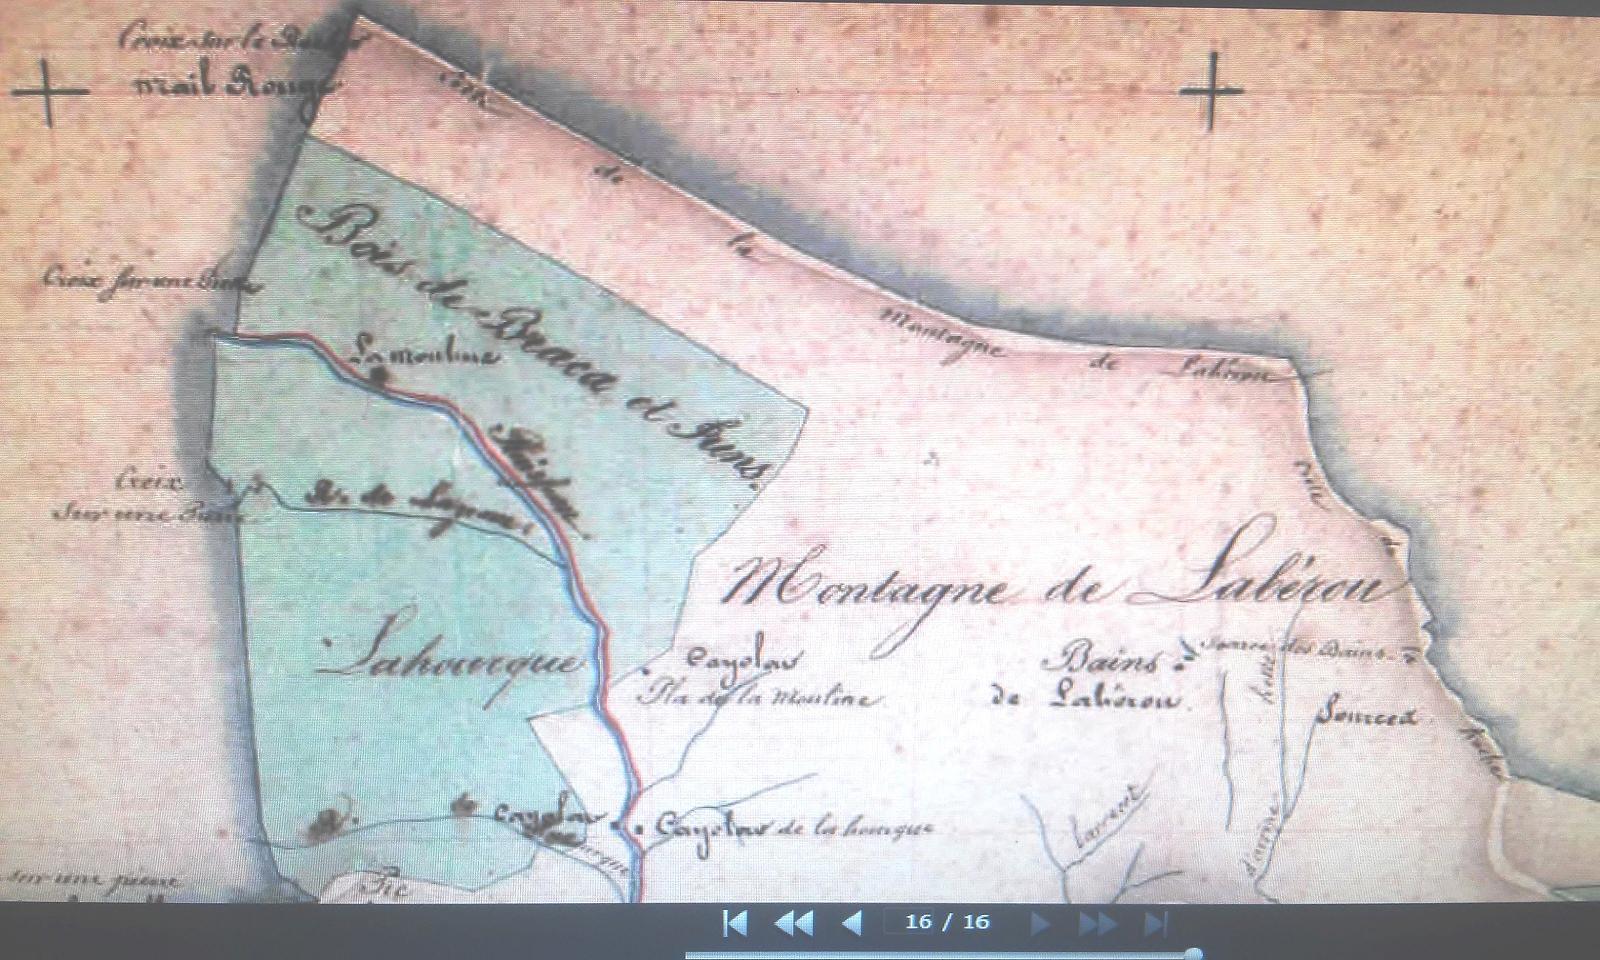 Lescun cadastre napol?onien 1837 Montagne et Bains de Lab?rou